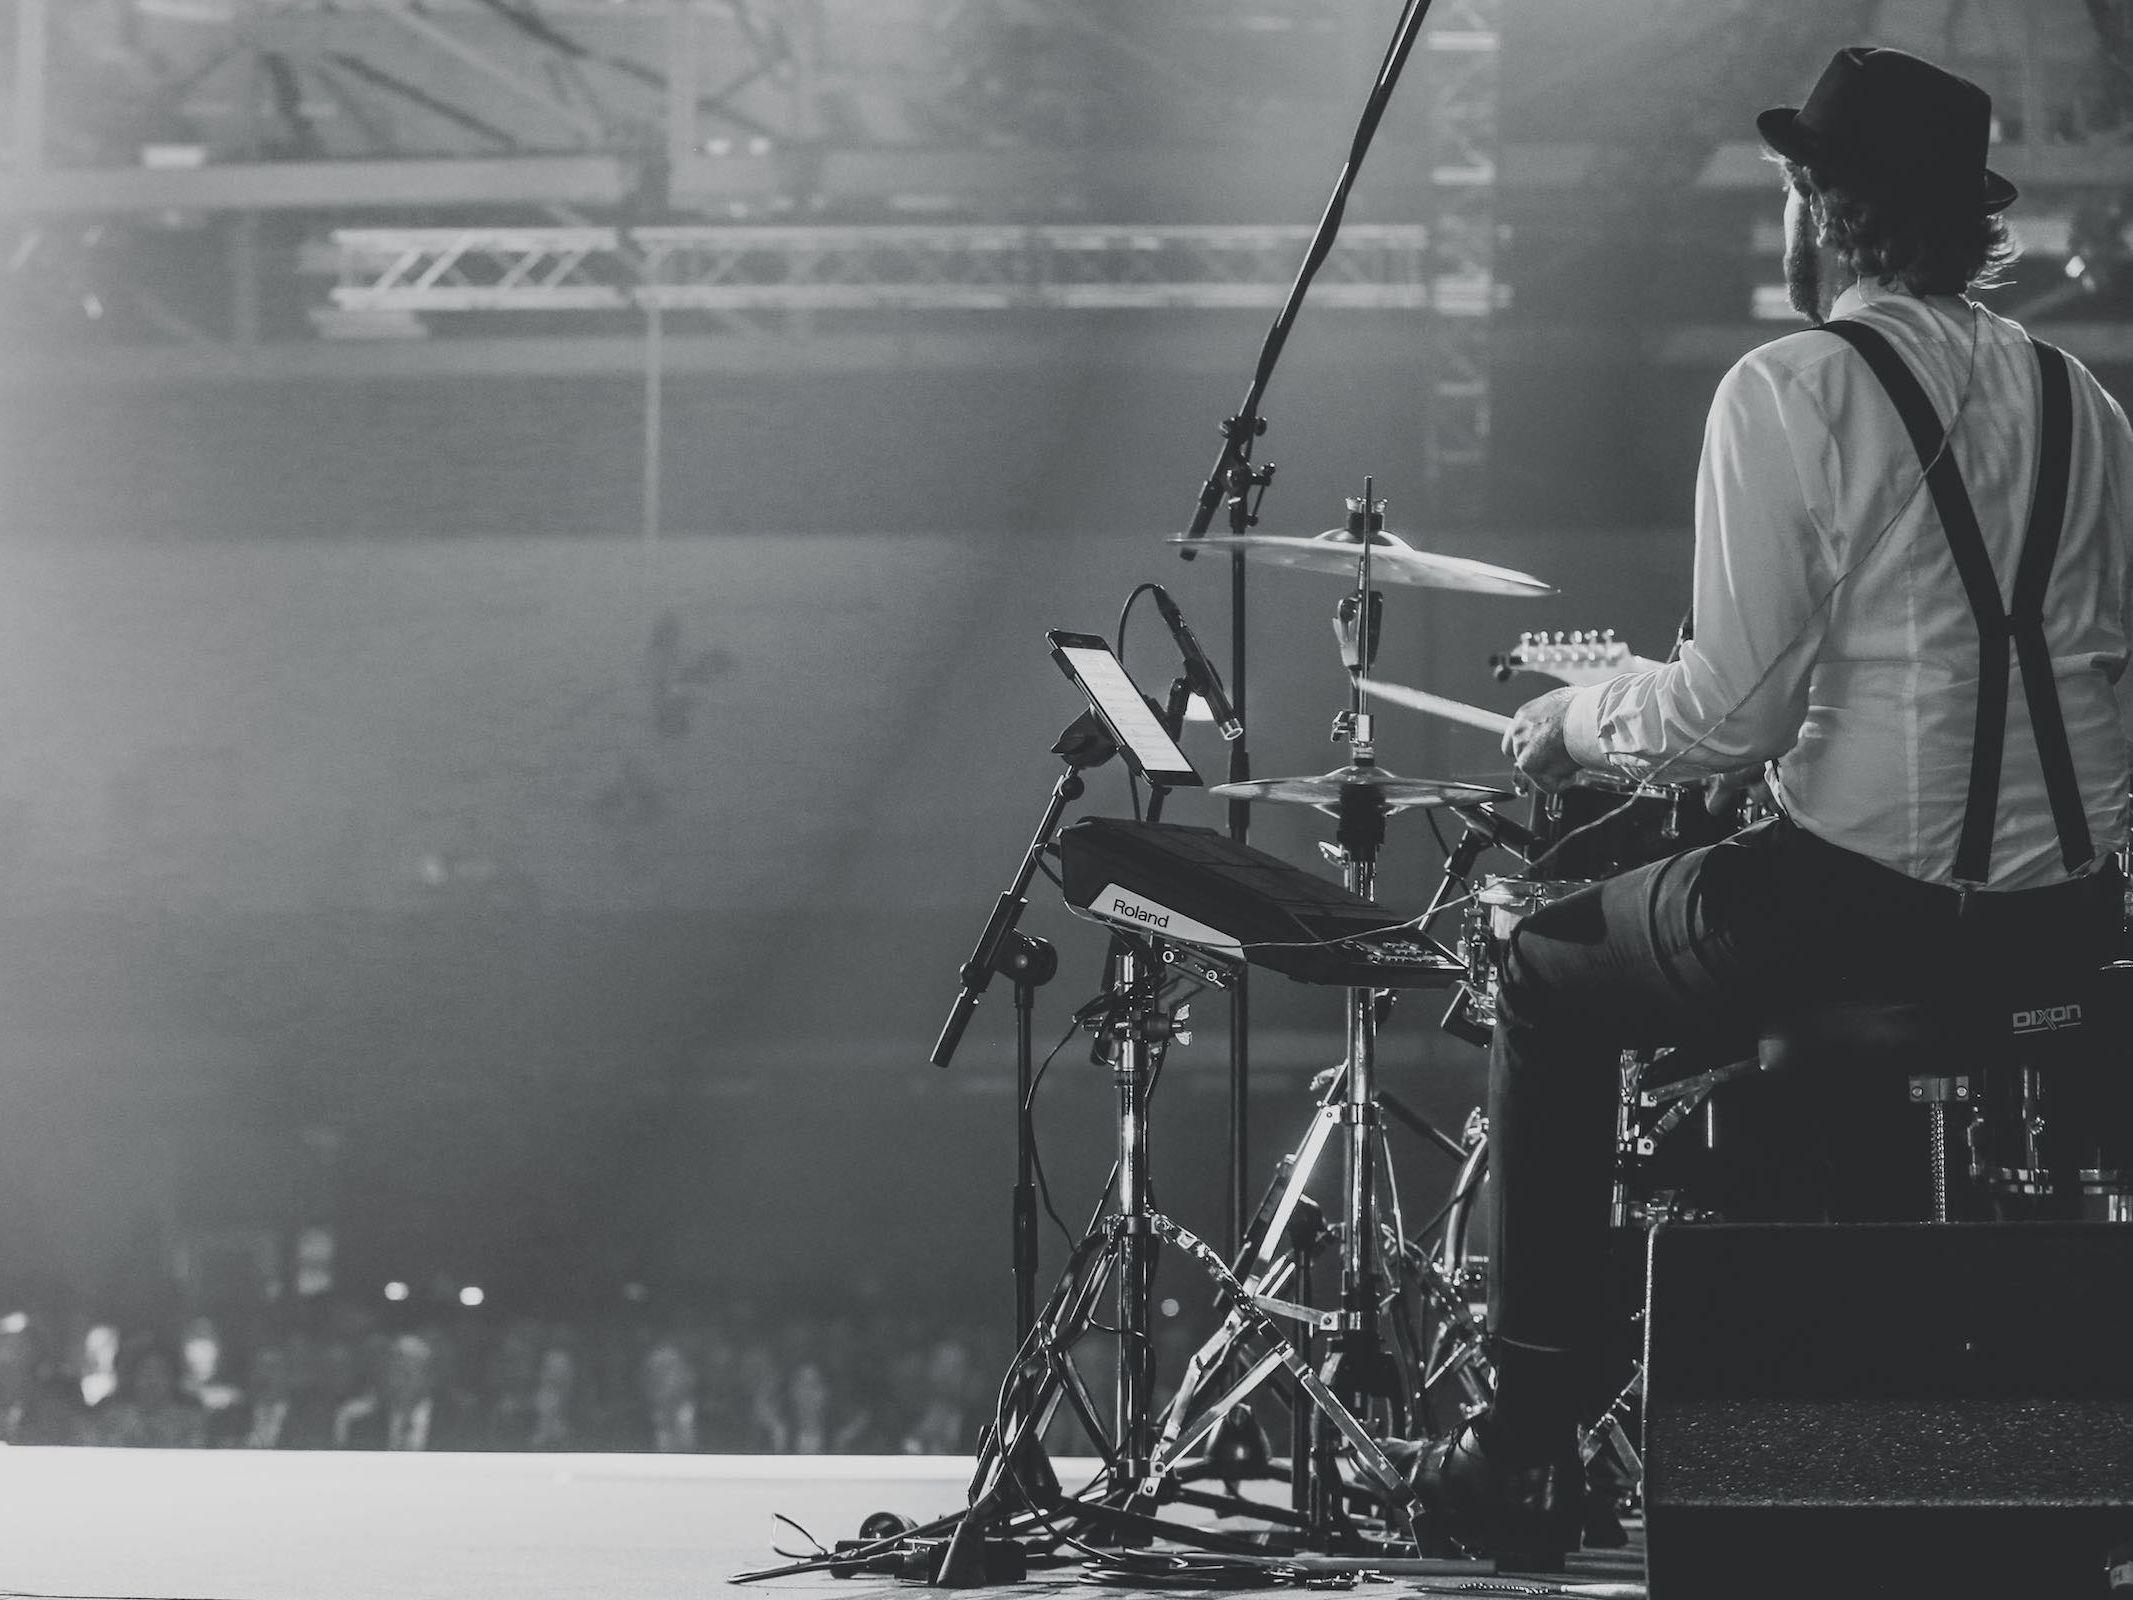 Schlagzeuger | Hannover | Buchen | Liveband | Partyband | Schlagzeug | Drummer | Jazzband | Swingband | Lounge | Pop | Jazz | Hochzeit | Show | Firmenfeier | Charity | Gala | Buchen | Mieten | Anfragen | Lehmann | Eventservice